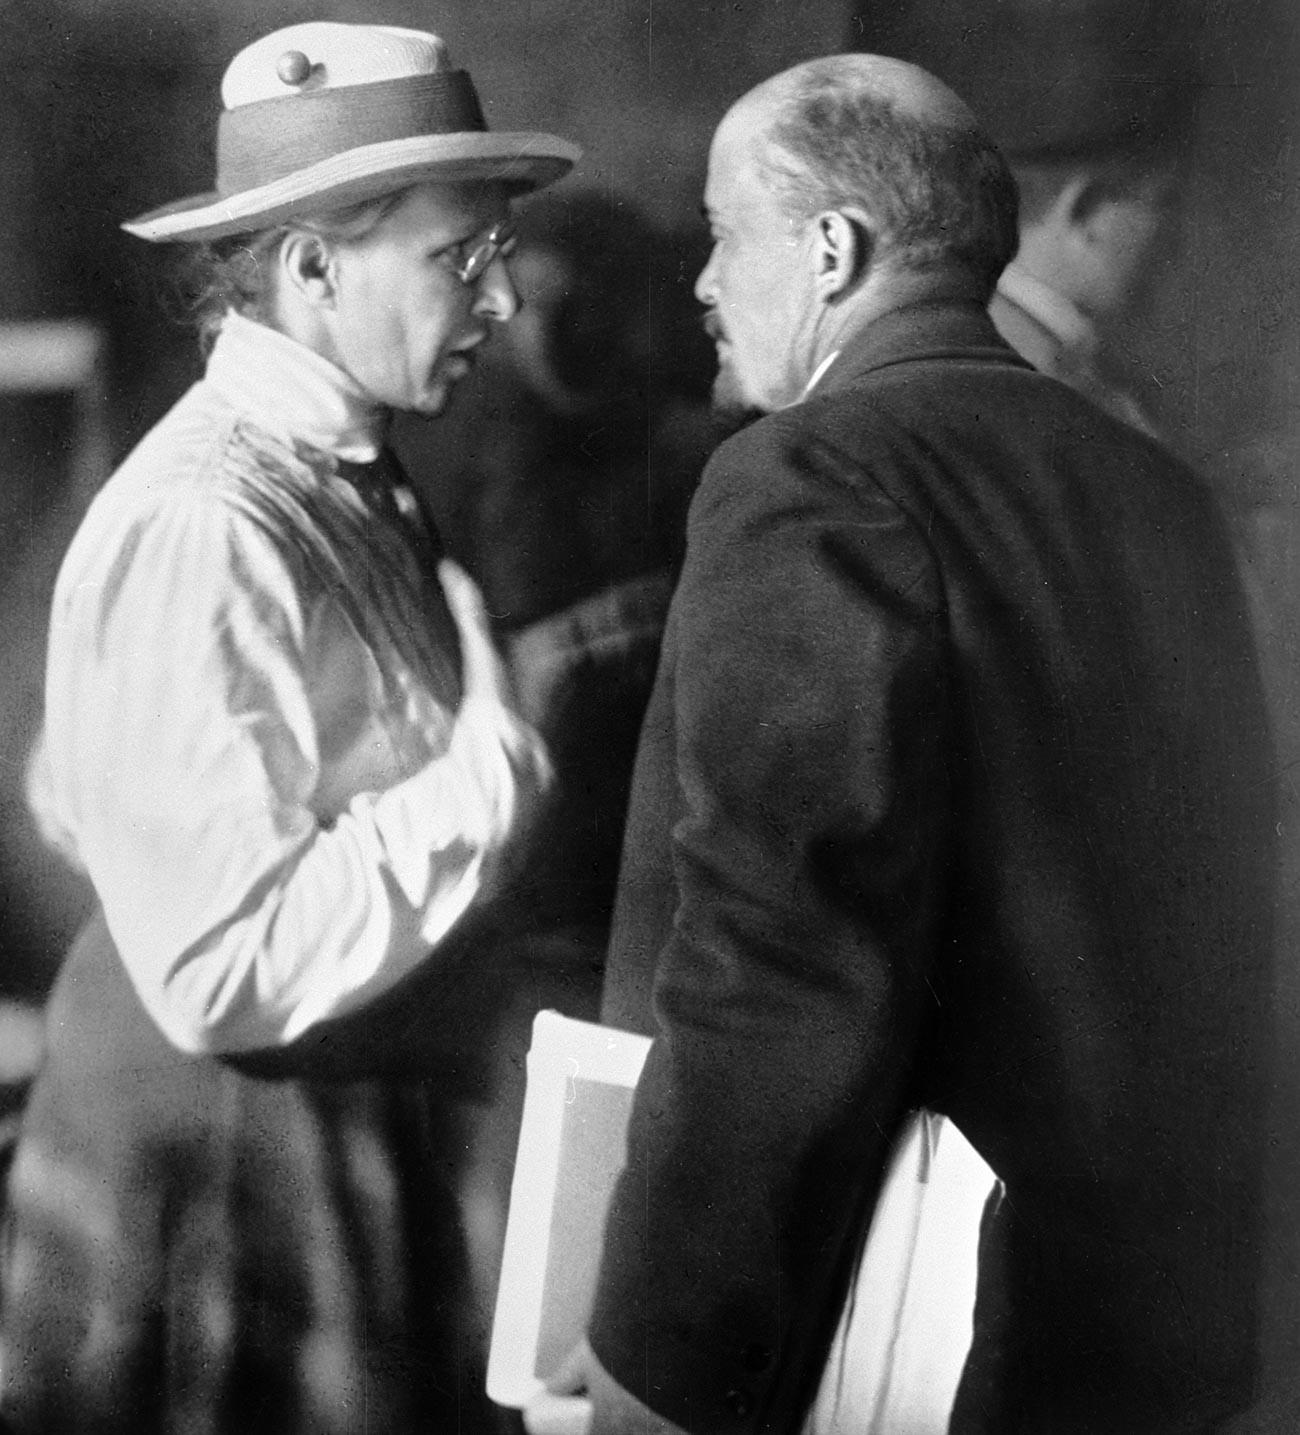 Elena Stasova parla con Vladimir Lenin durante la seconda Internazionale Comunista (Comintern); Mosca, 1920